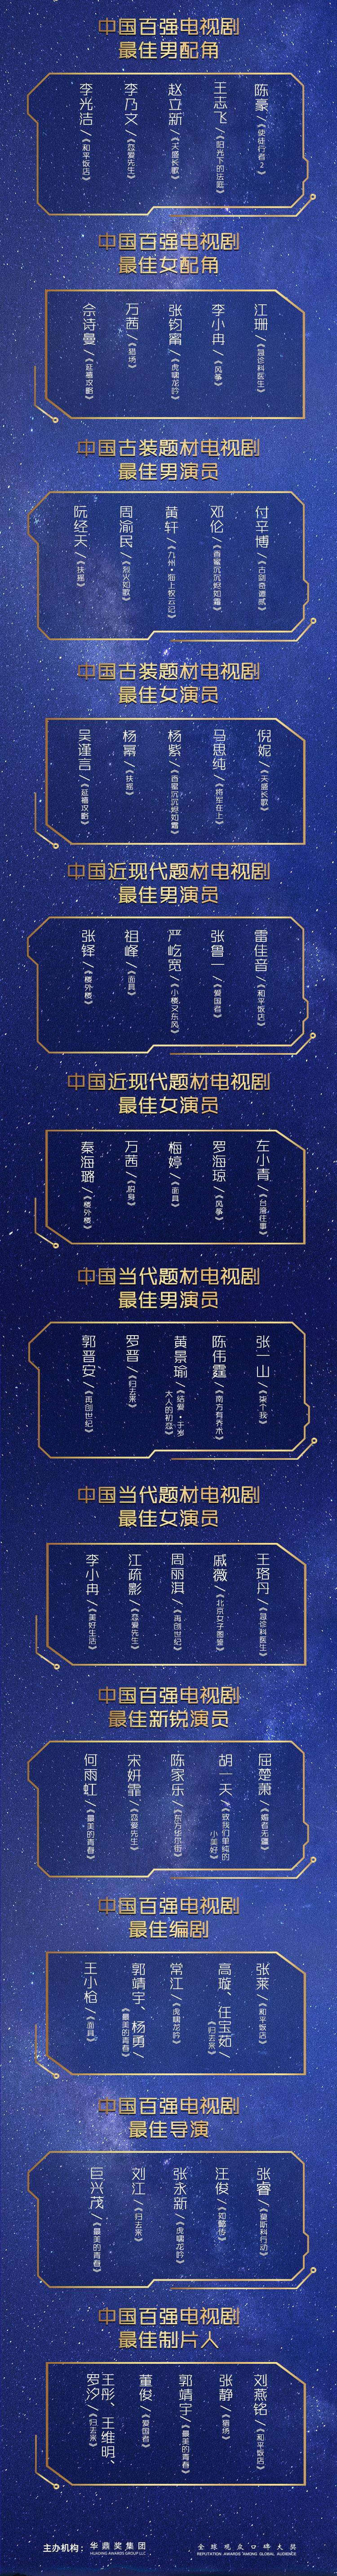 第24届华鼎奖提名公布 《和平饭店》《归去来》领跑